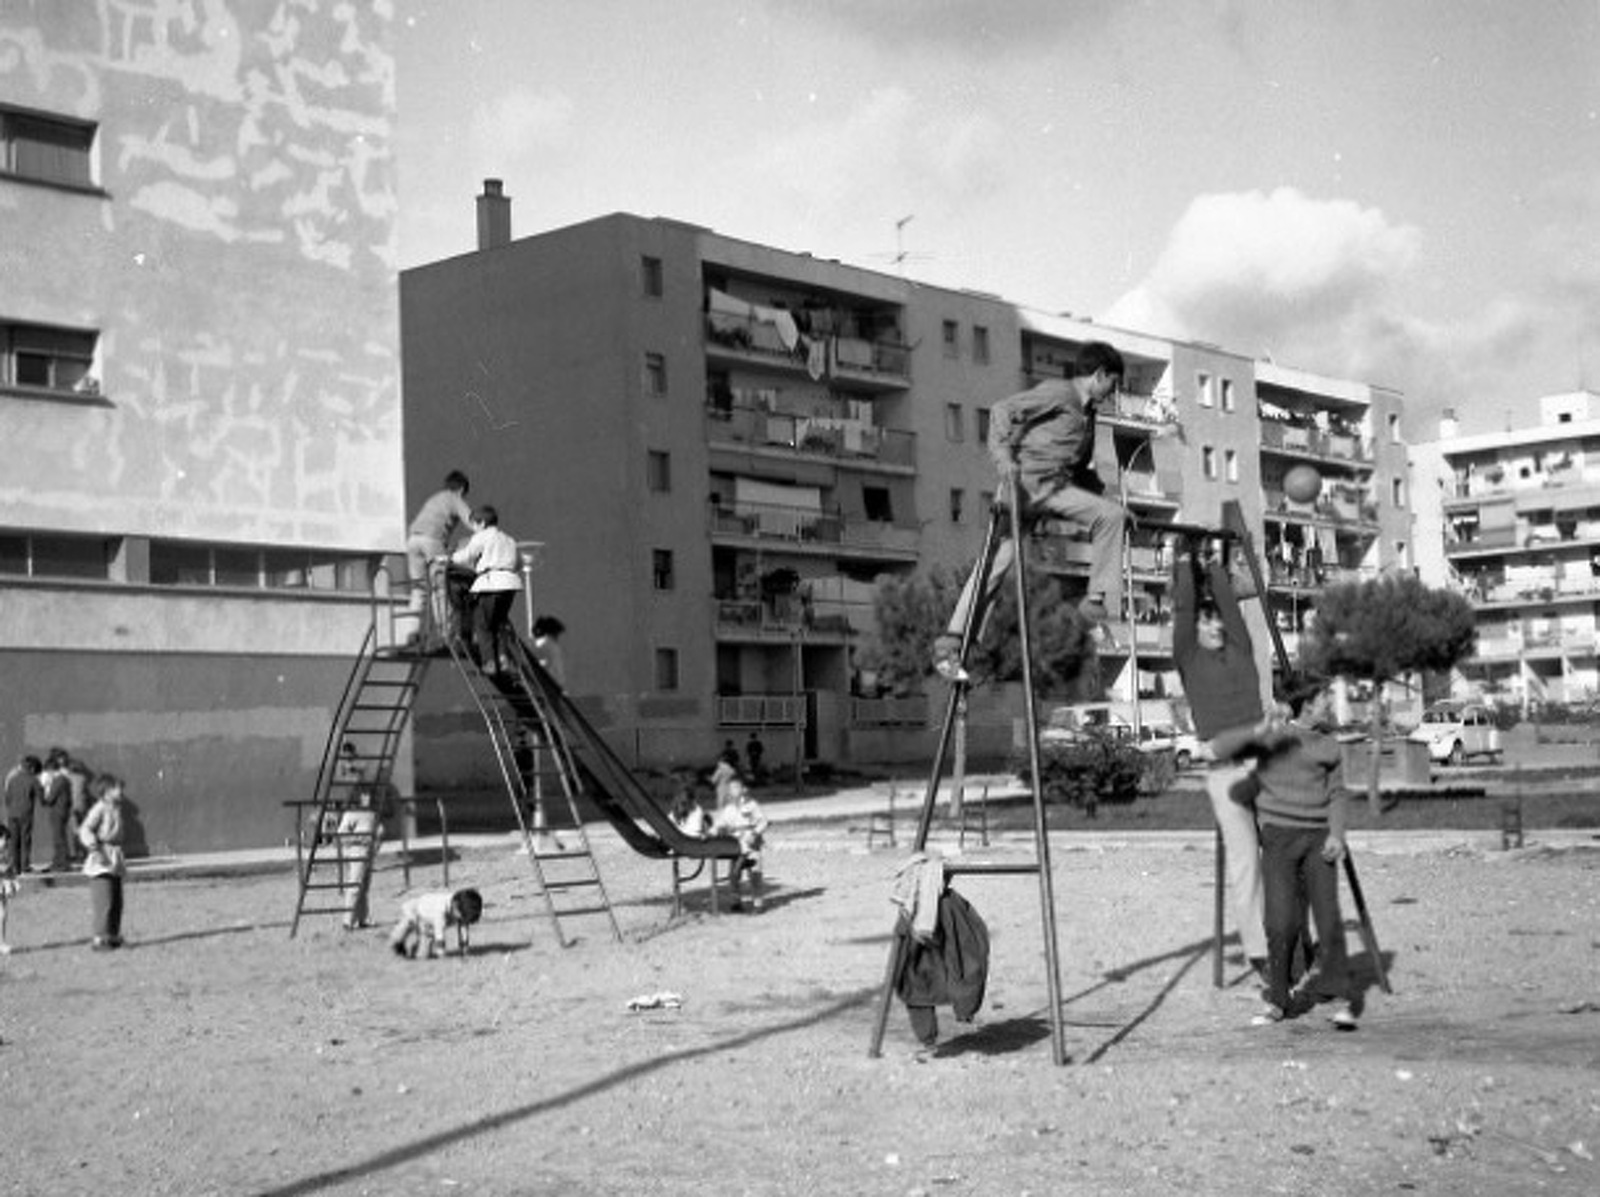 Plaça de la Font de la Pola, l'any 1971